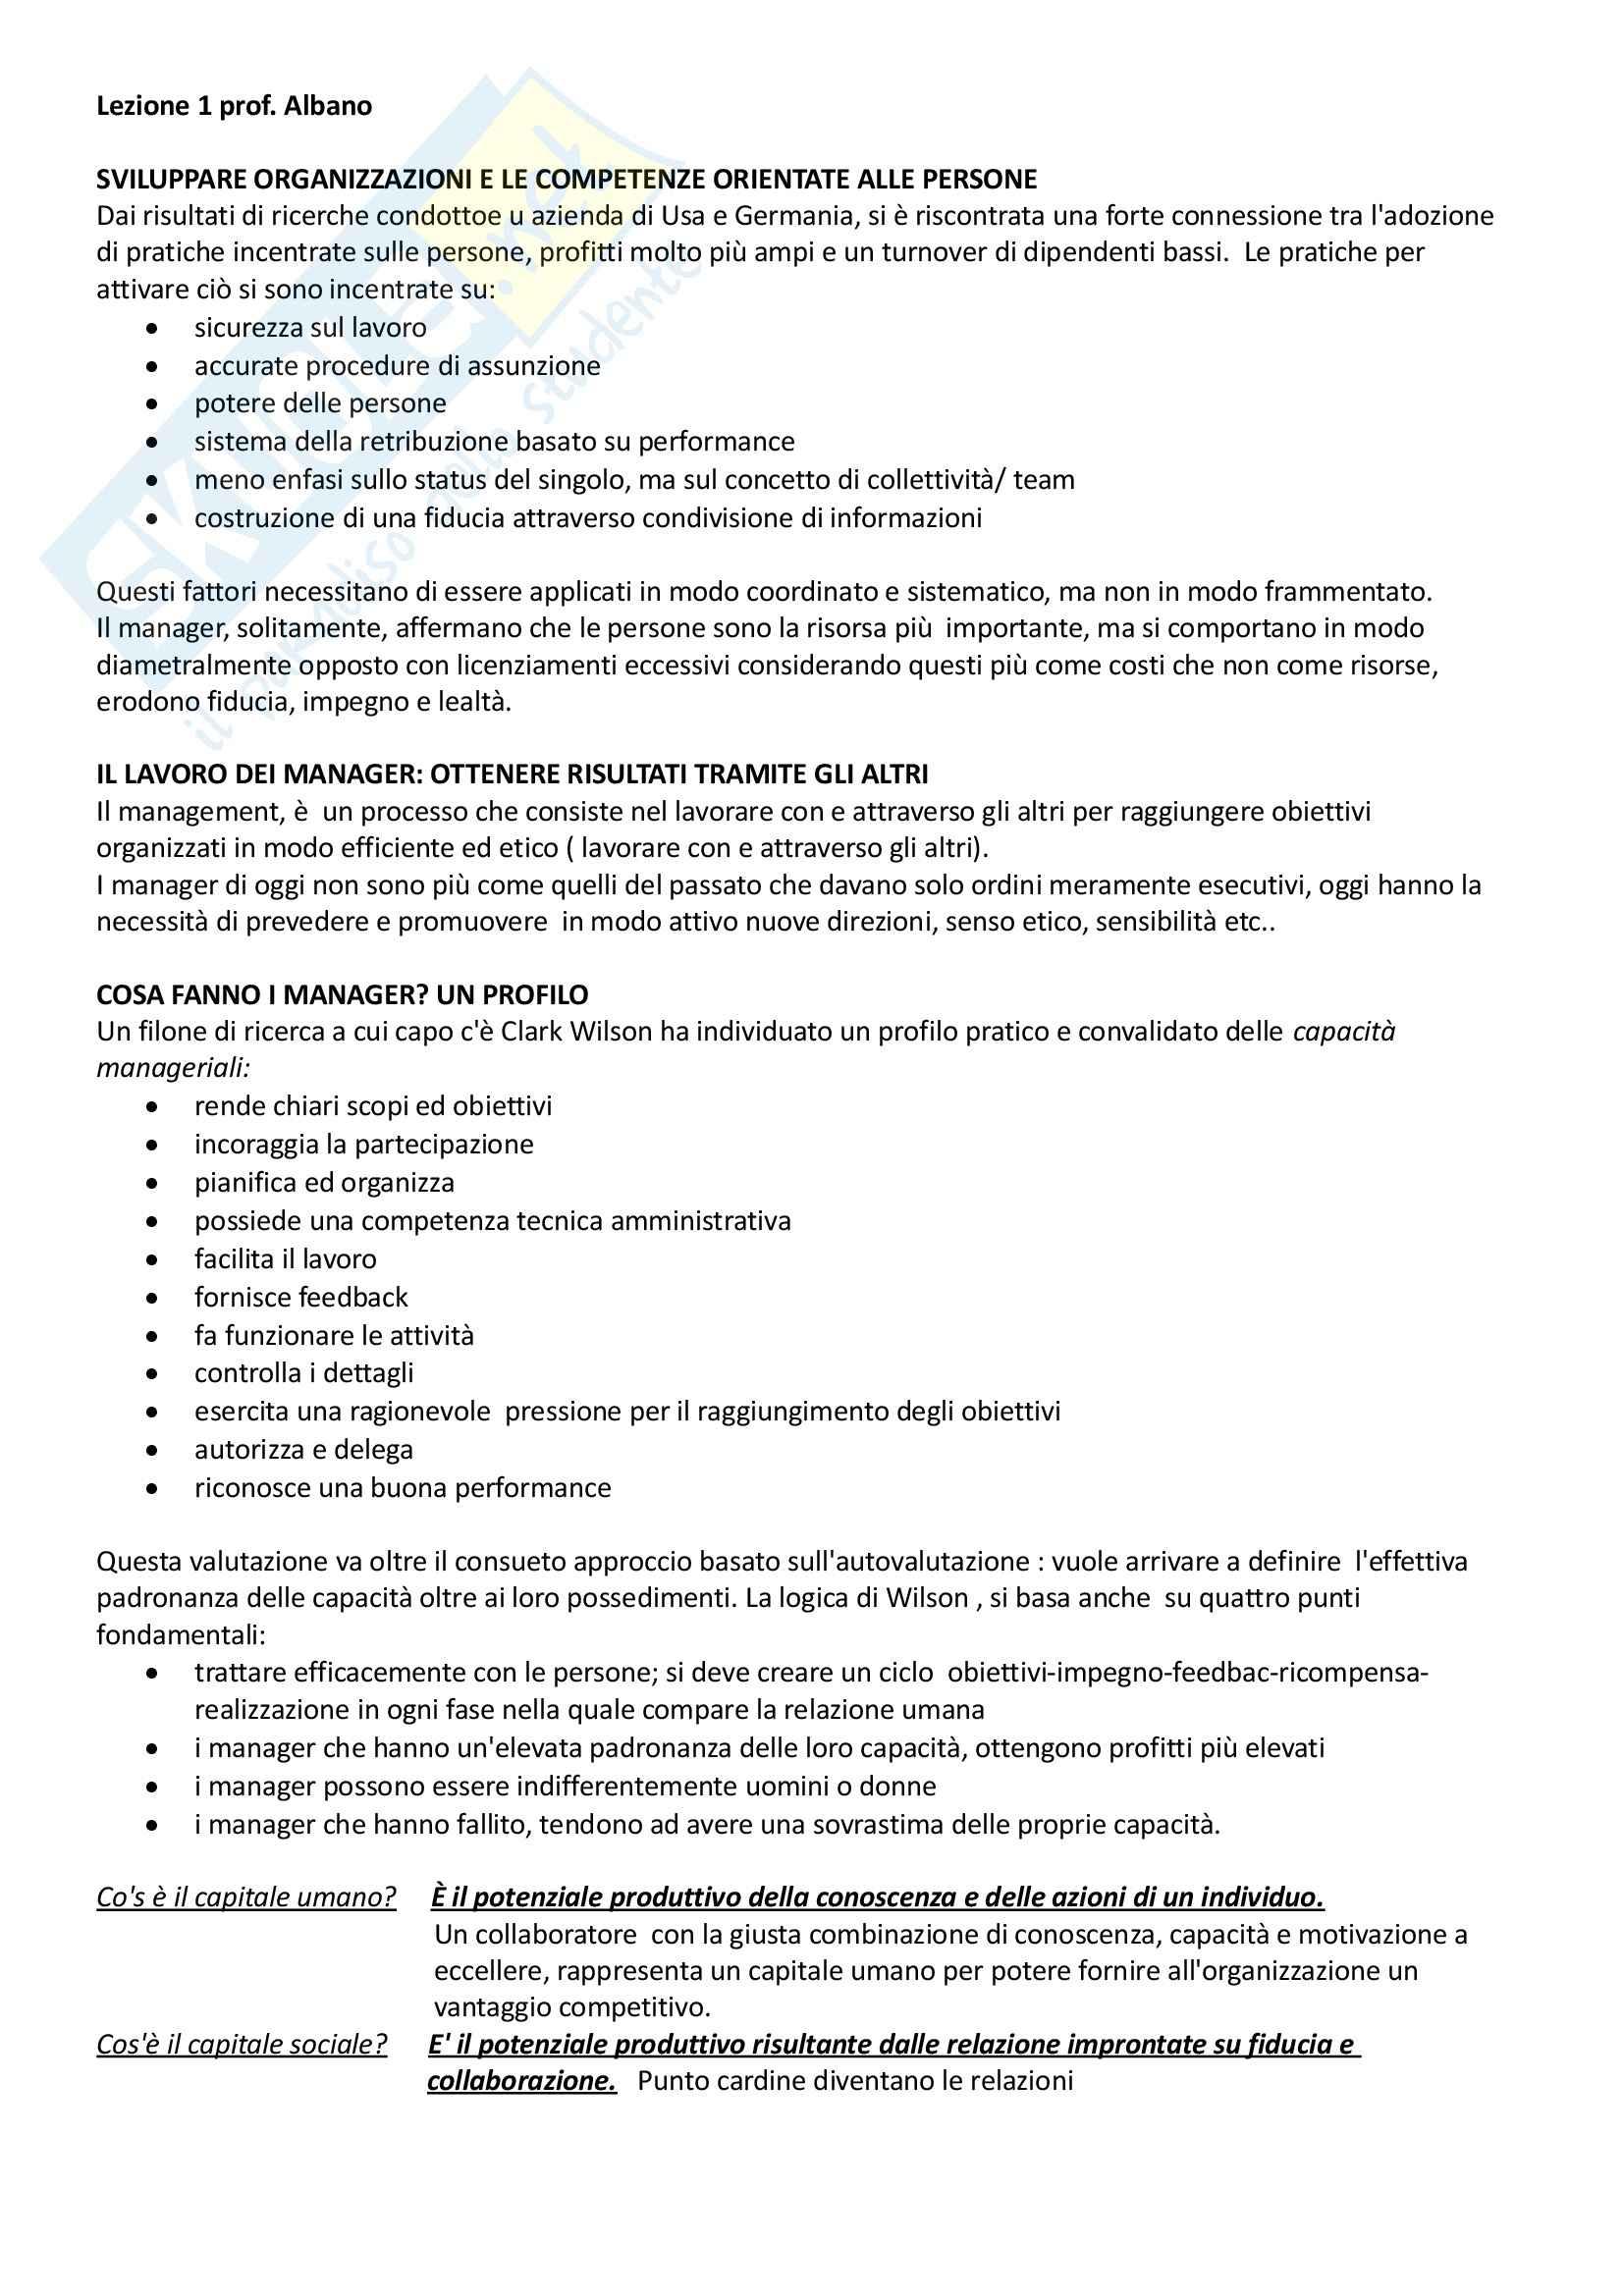 Comportamento organizzativo, Gestione e sviluppo delle risorse umane